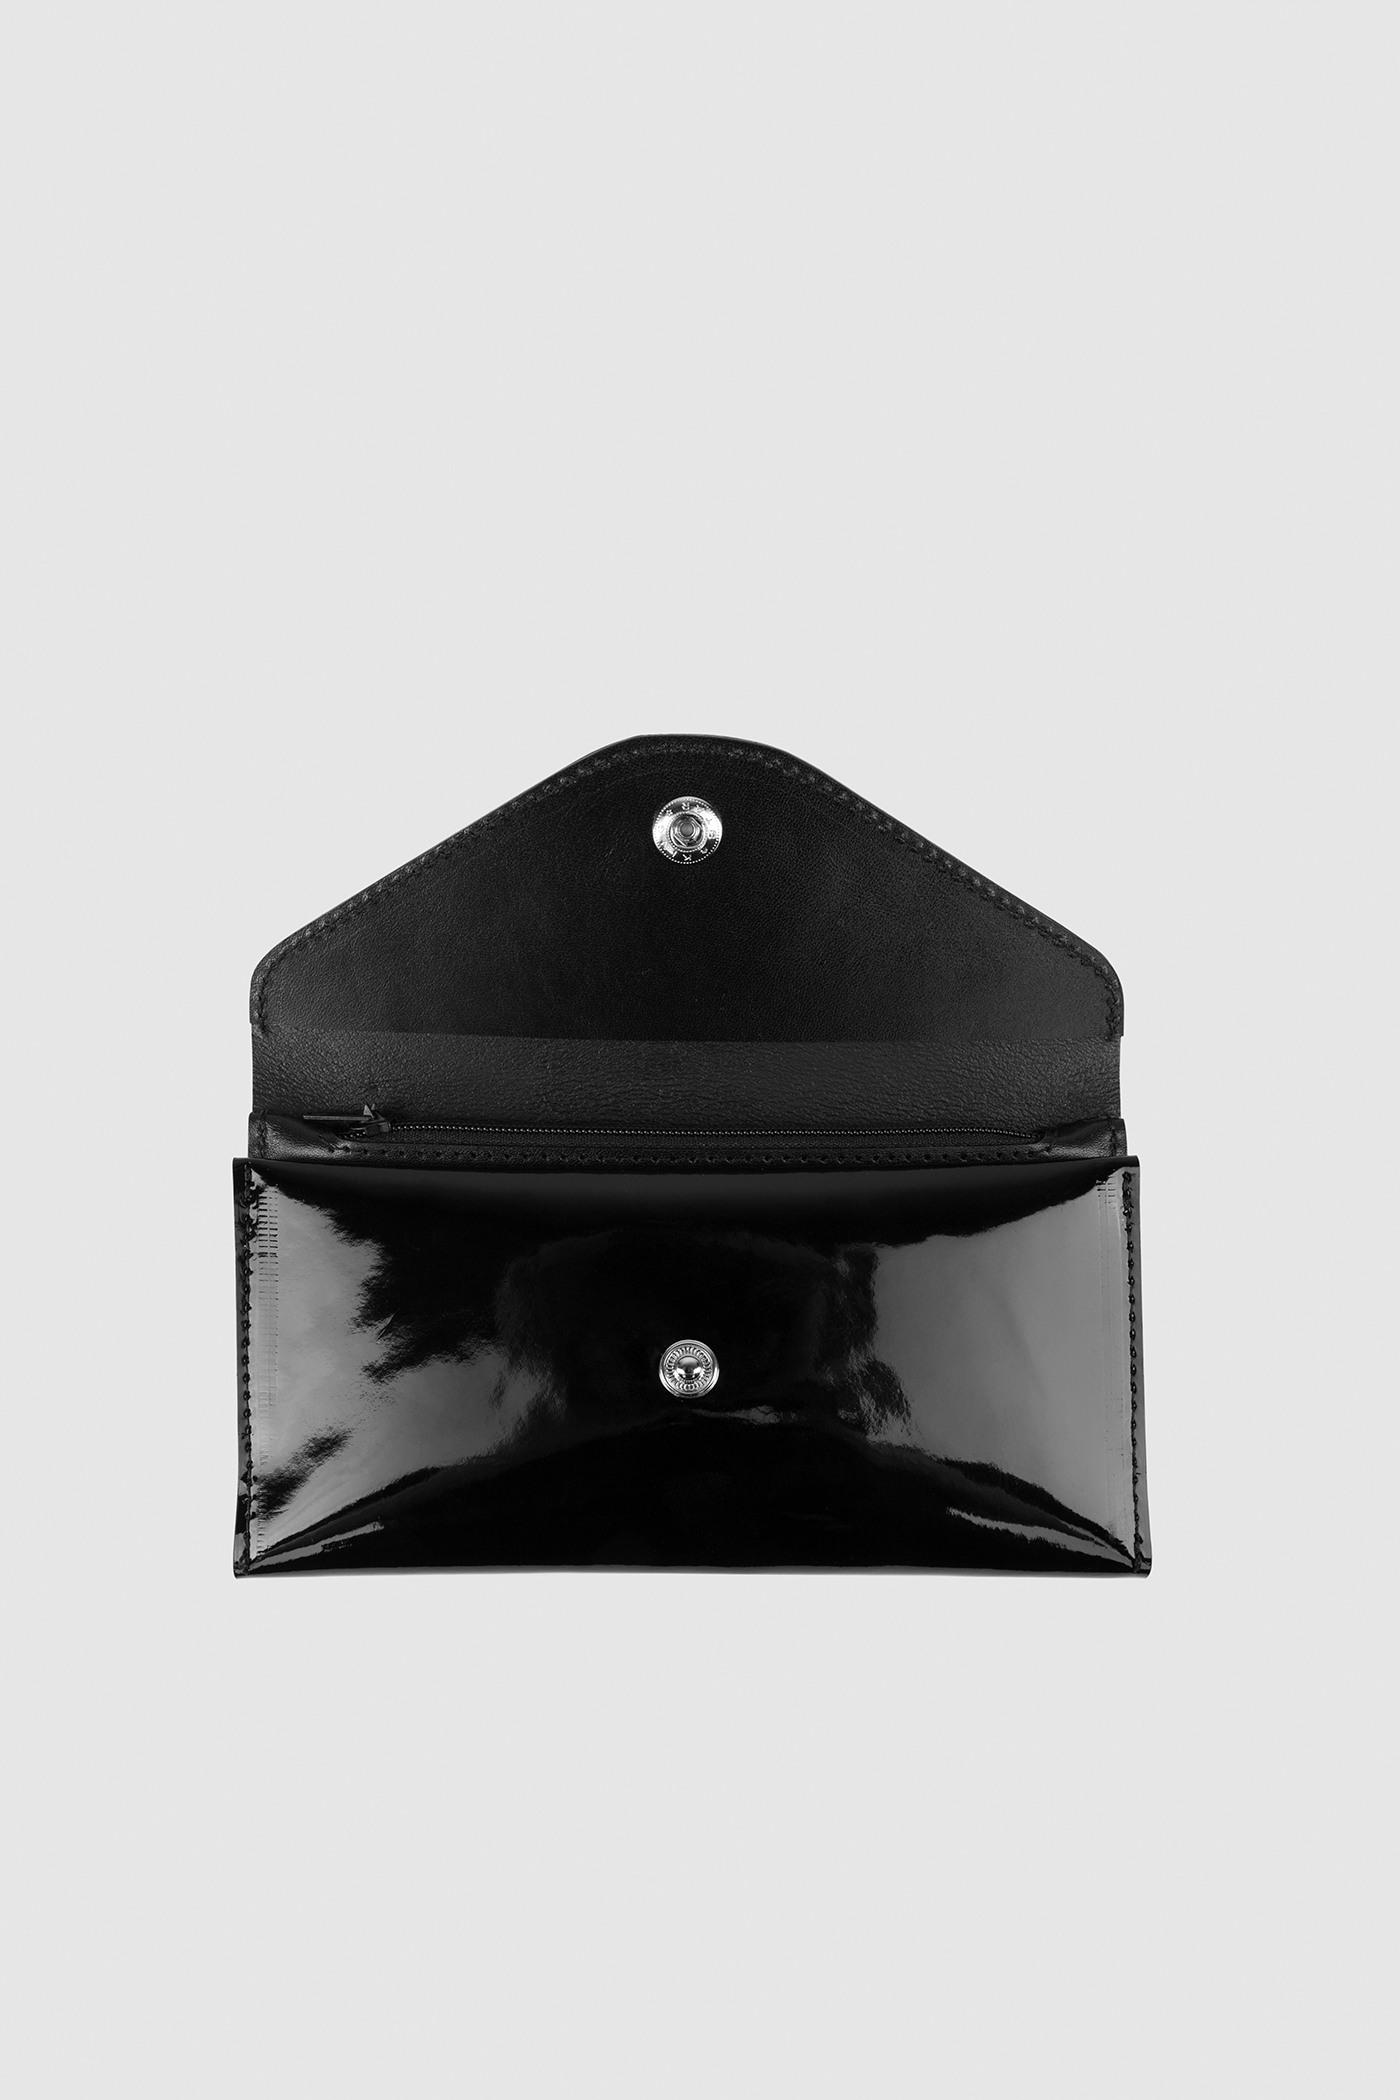 КошелекРаскладной кошелек-портноме из сбруйной кожи с откидным клапаном на кнопке. Внутри два отделения для купюр, карман для монет на молнии , 4 отделения для карточек . Внутри печать тиснение серебряными буквами логотипа ASYA MALBERSHTEIN.&#13;<br>&#13;<br>Состав: 100% натуральная лаковая кожа&#13;<br>&#13;<br>Размеры: М - 10х19х2,5 см<br><br>Цвет: Черный, Бежевый<br>Размер: M